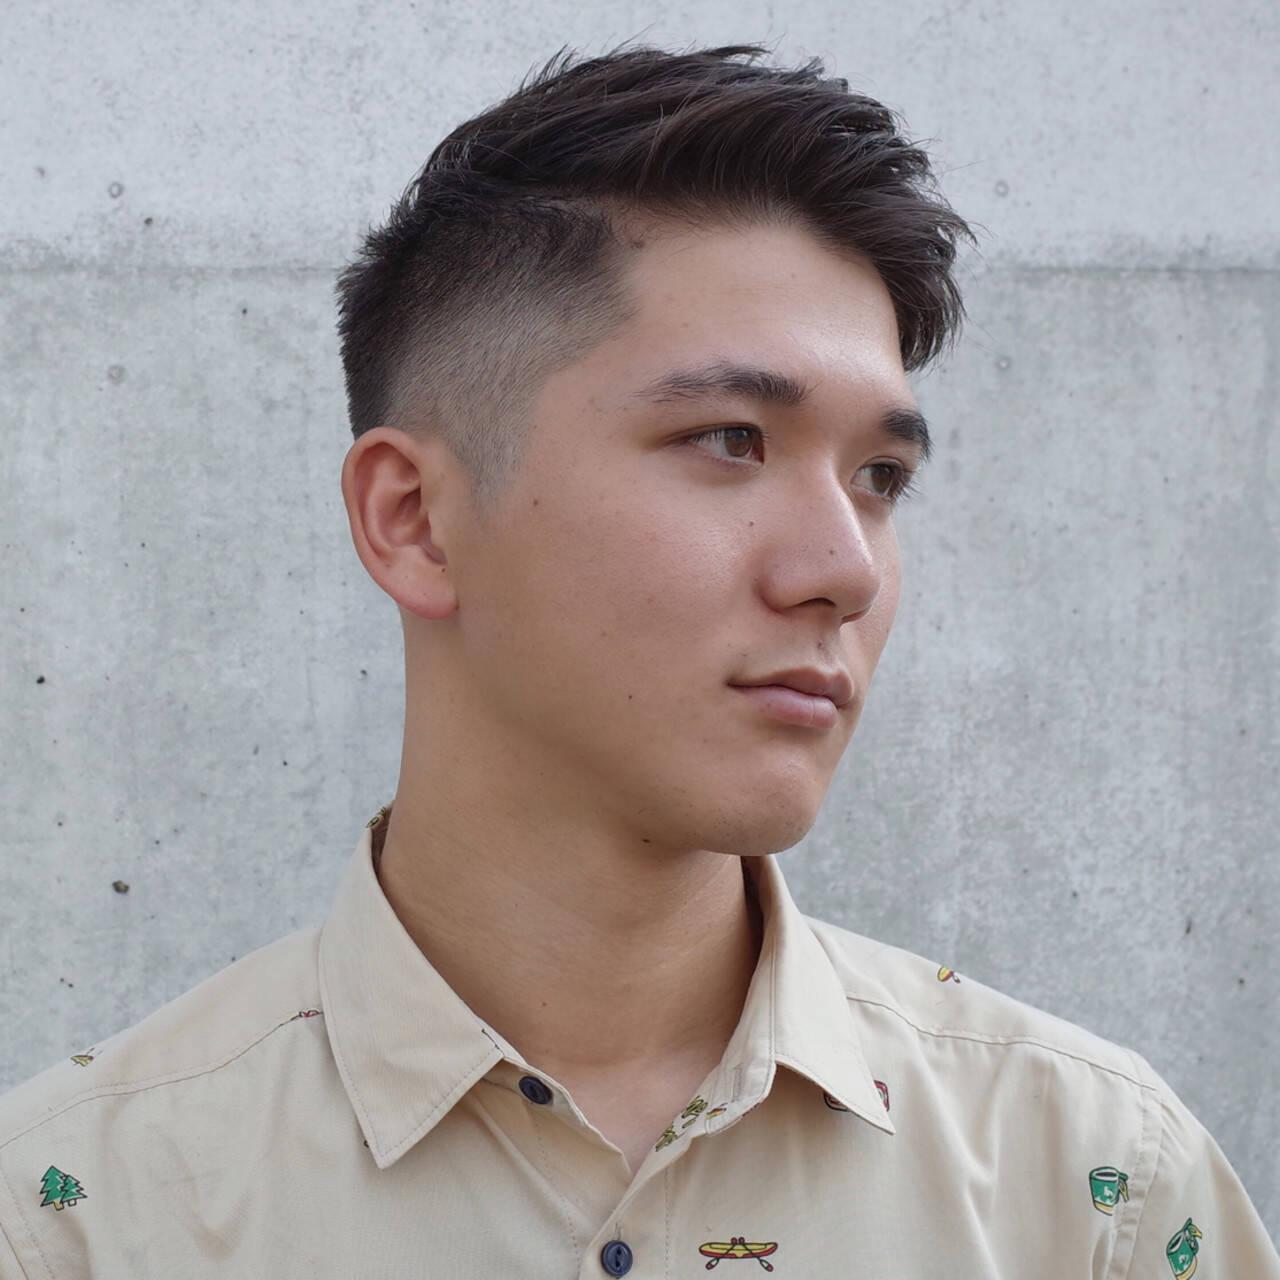 メンズヘア メンズショート 刈り上げ メンズヘアスタイルや髪型の写真・画像